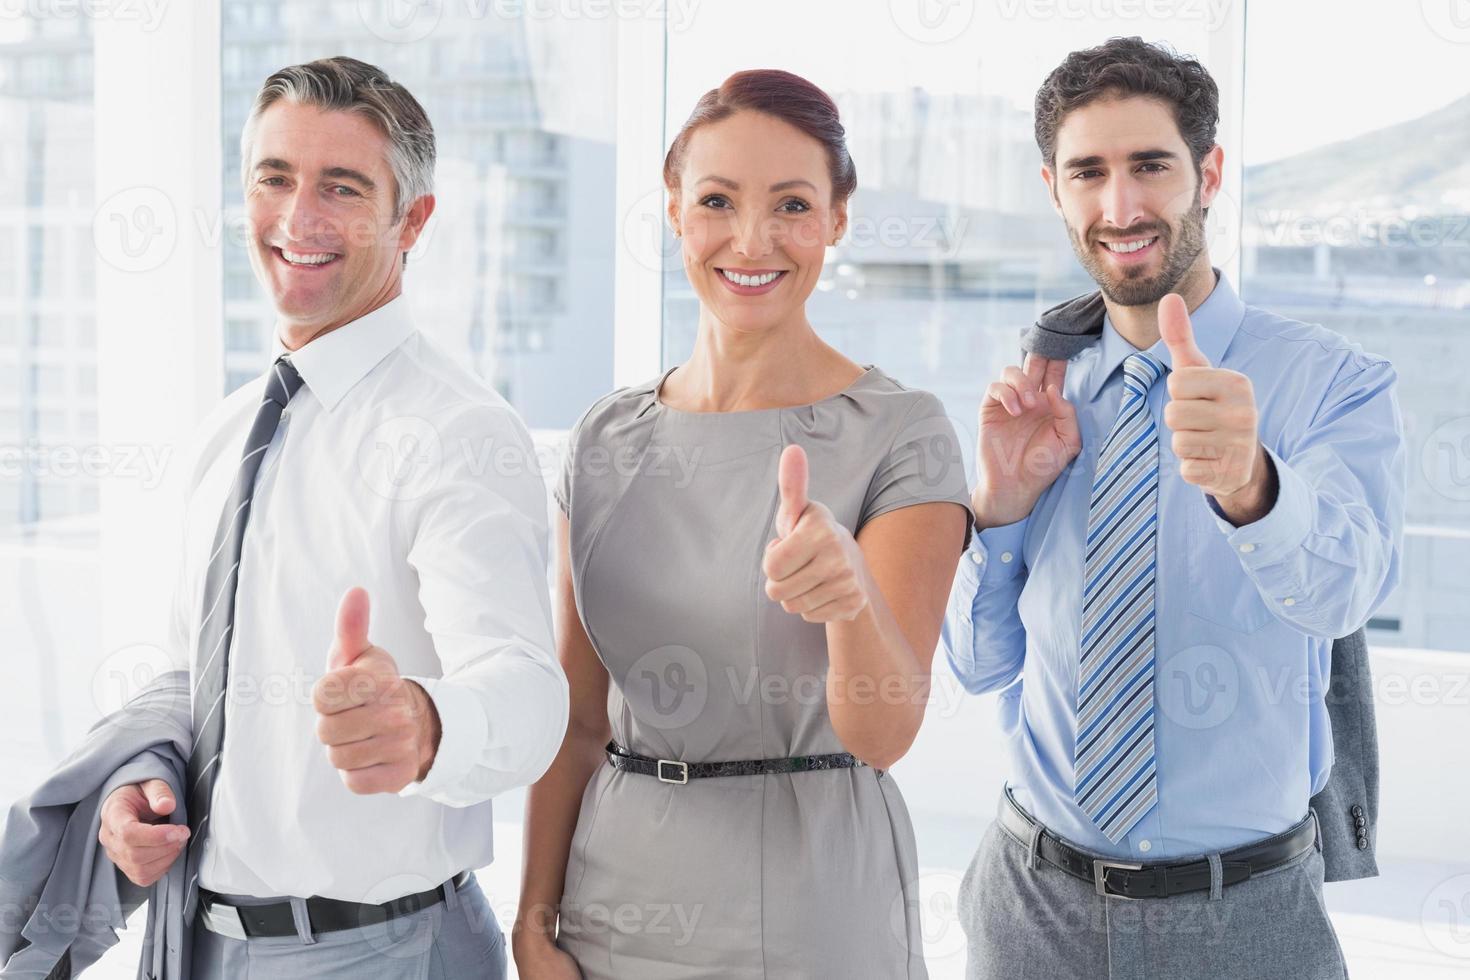 empresaria sonriendo mientras trabajaba foto